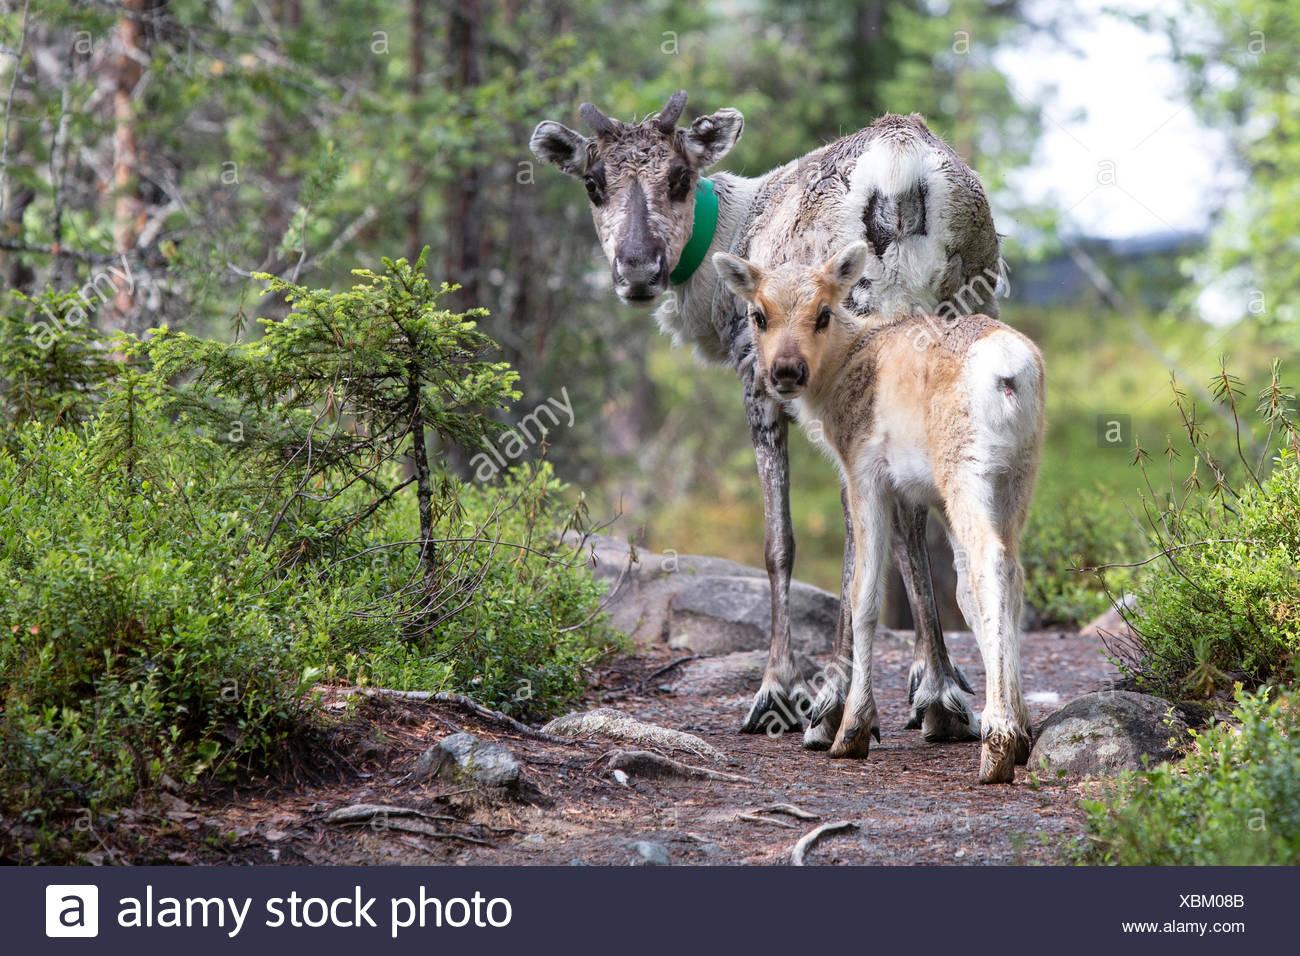 El reno y el animal joven, el Parque Nacional de Oulanka, Ostrobotnia Septentrional, Finlandia Imagen De Stock